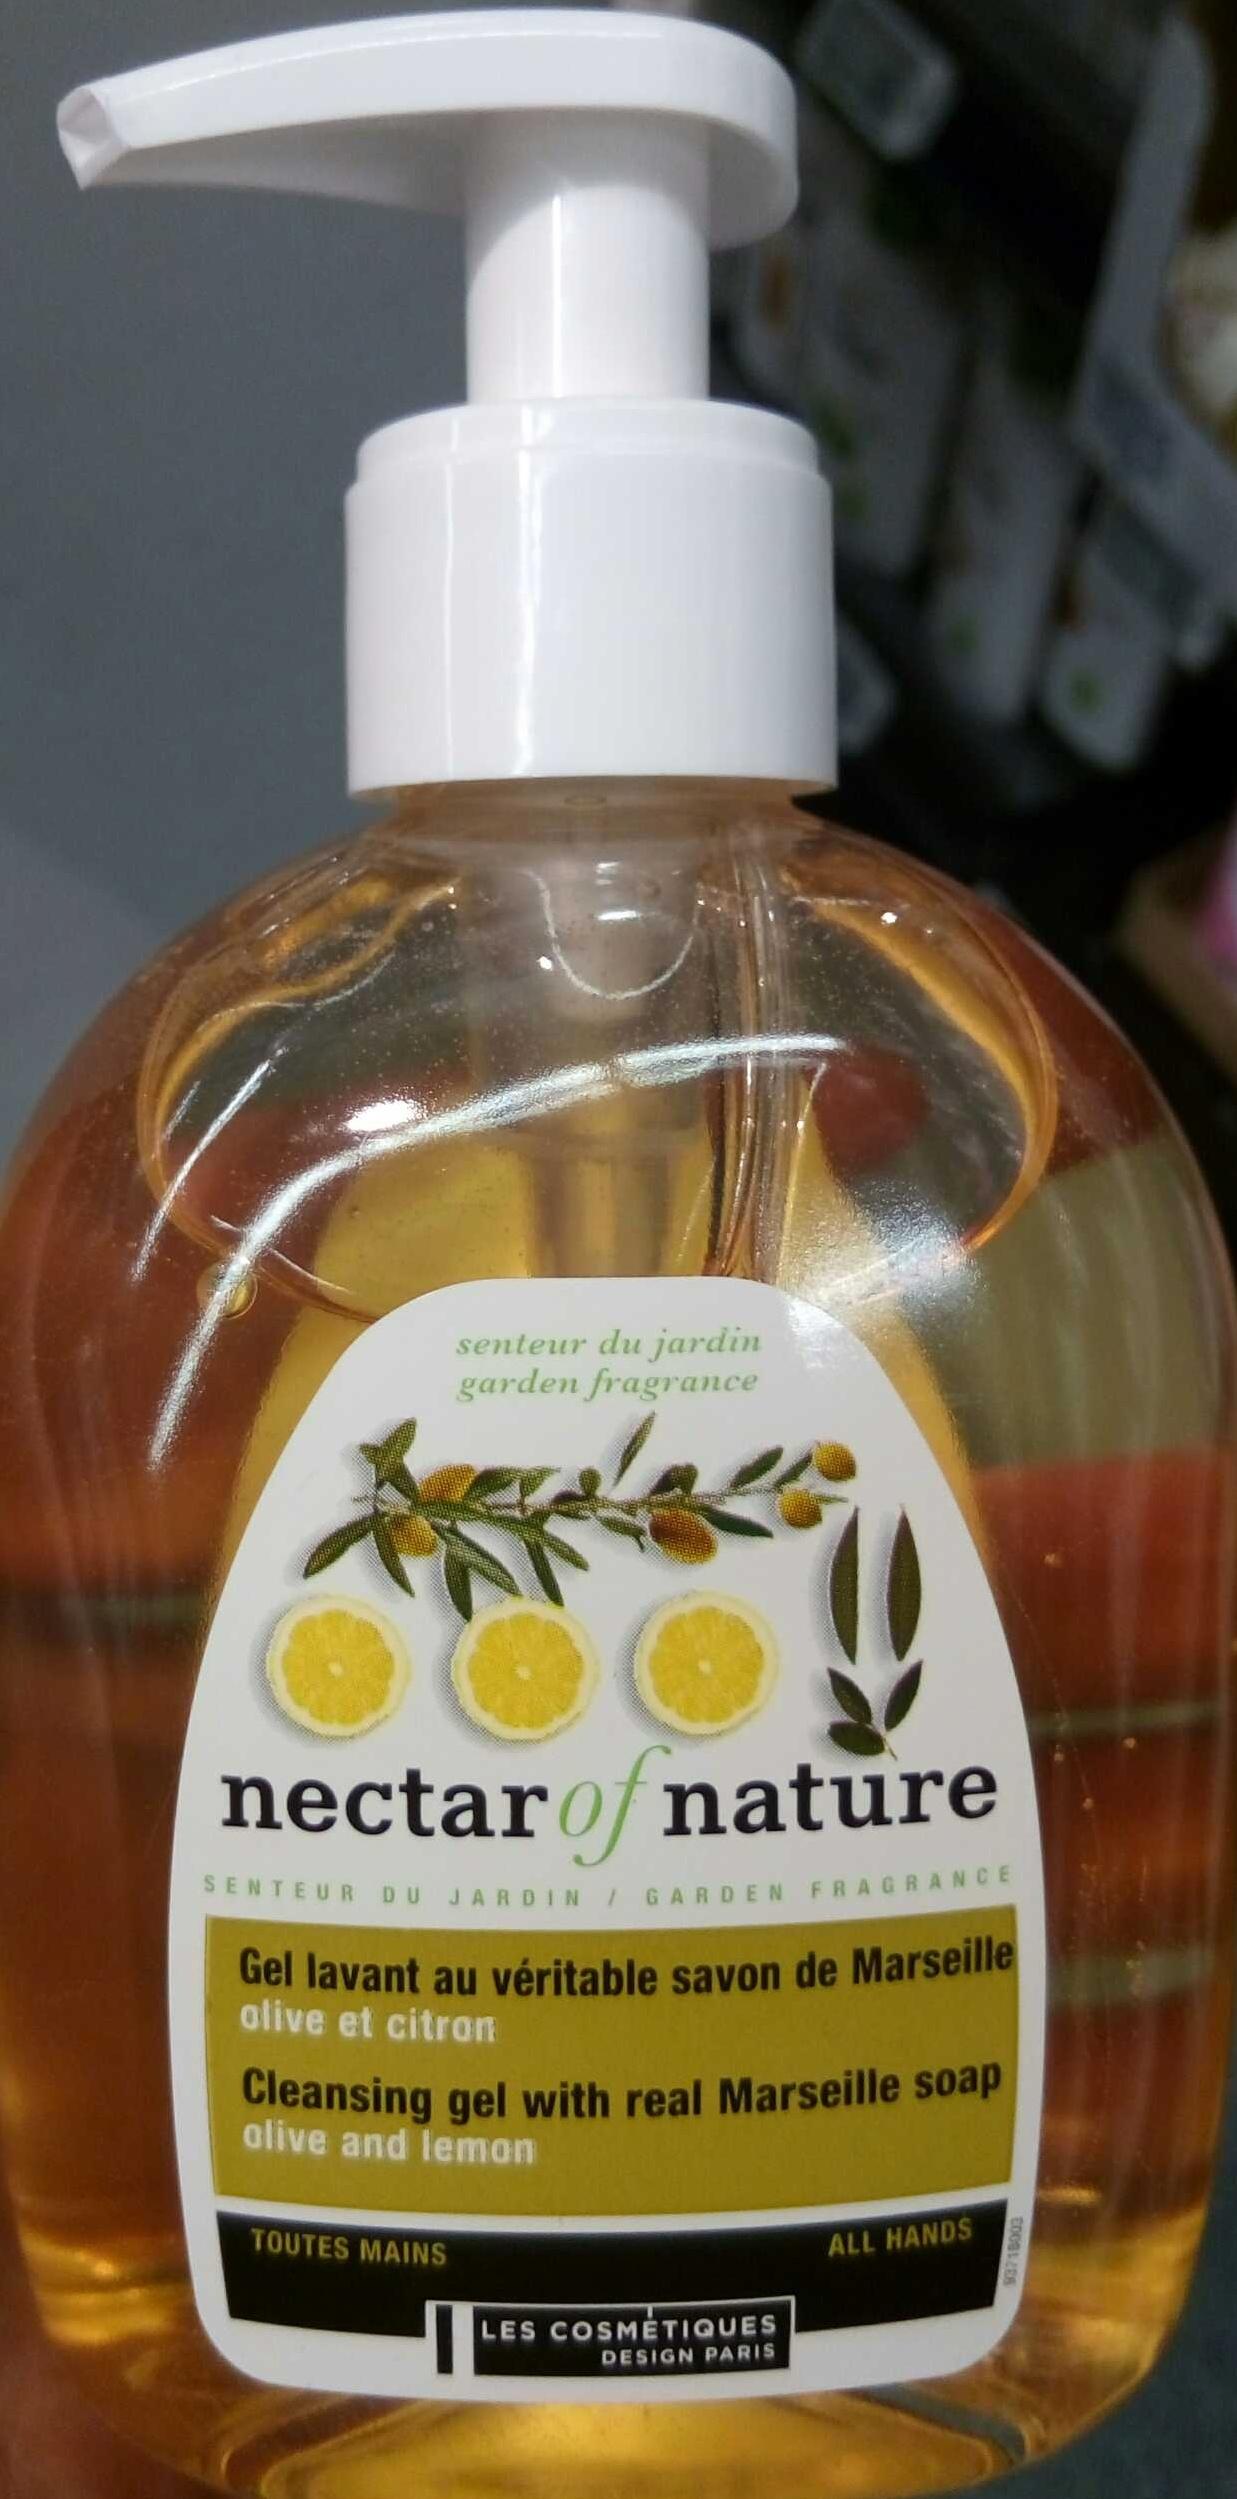 Gel lavant au véritable savon de Marseille Olive et Citron - Product